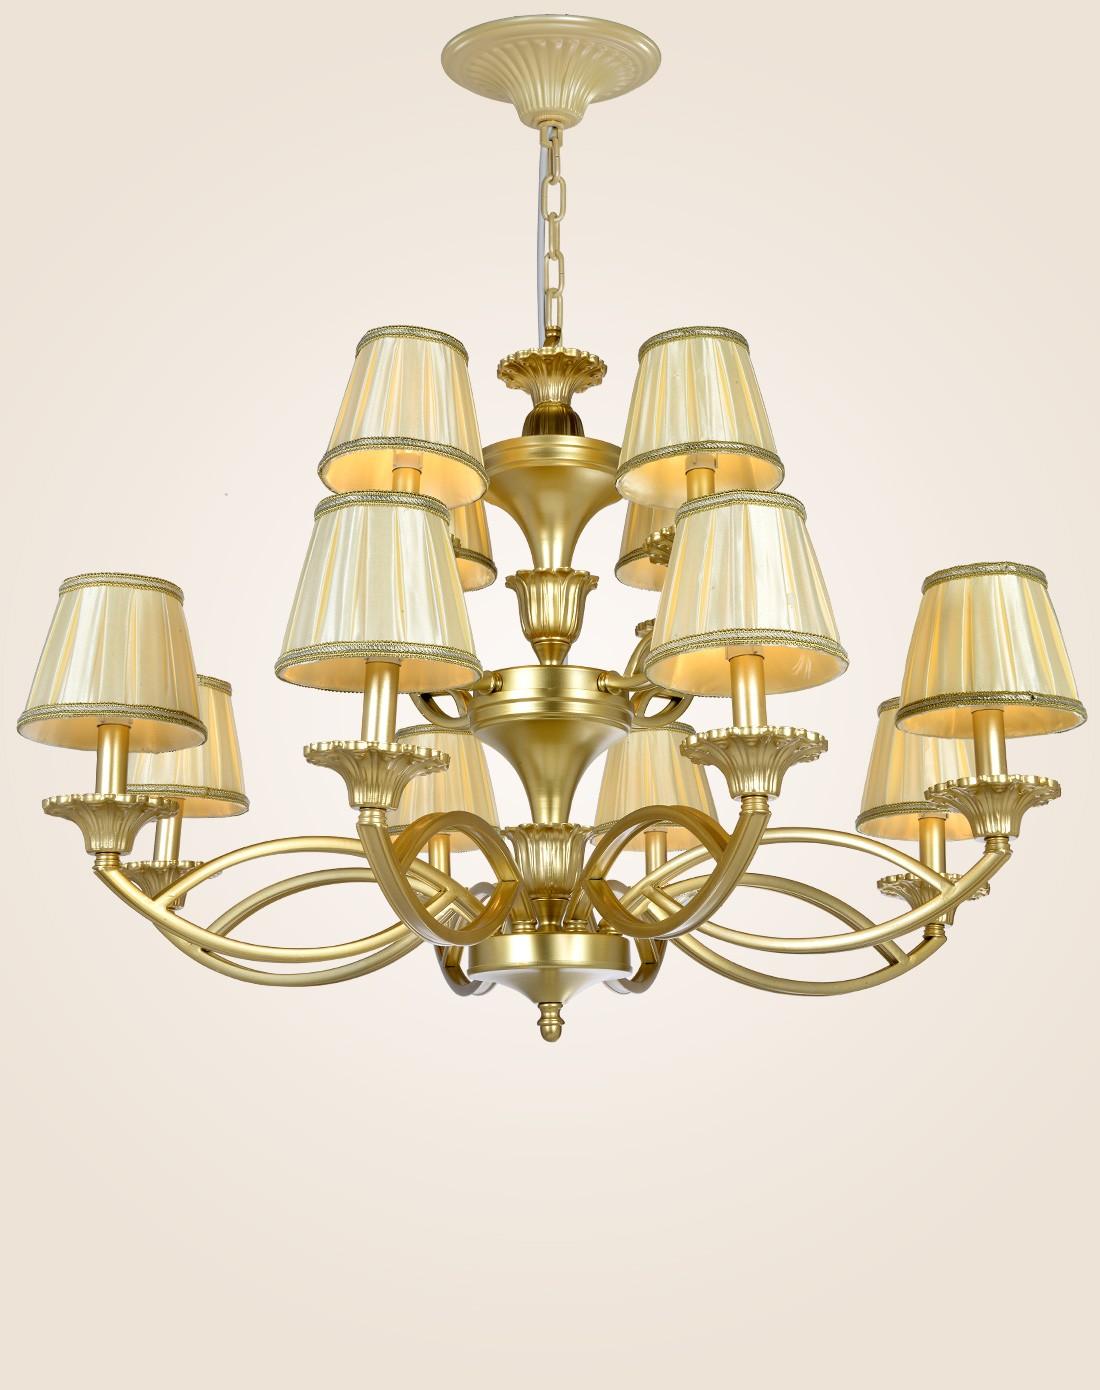 8 4头欧式吊灯 简约客厅 仿铜铁艺